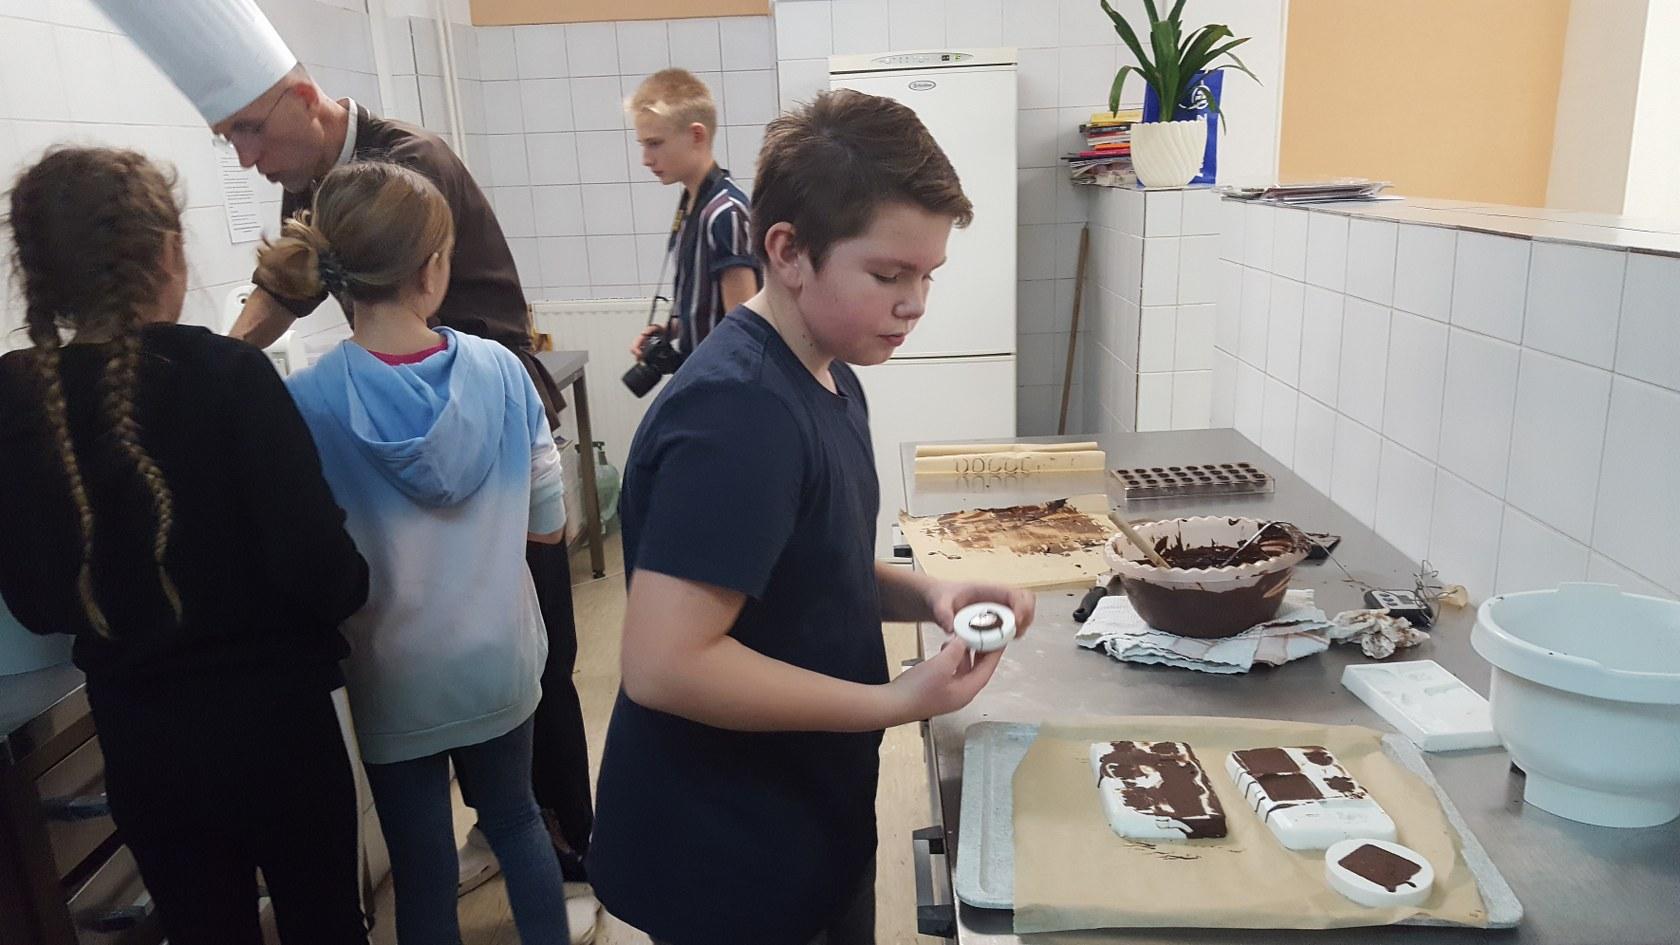 2019_11_12_delavnica_izdelave_cokoladnih_pralin-15